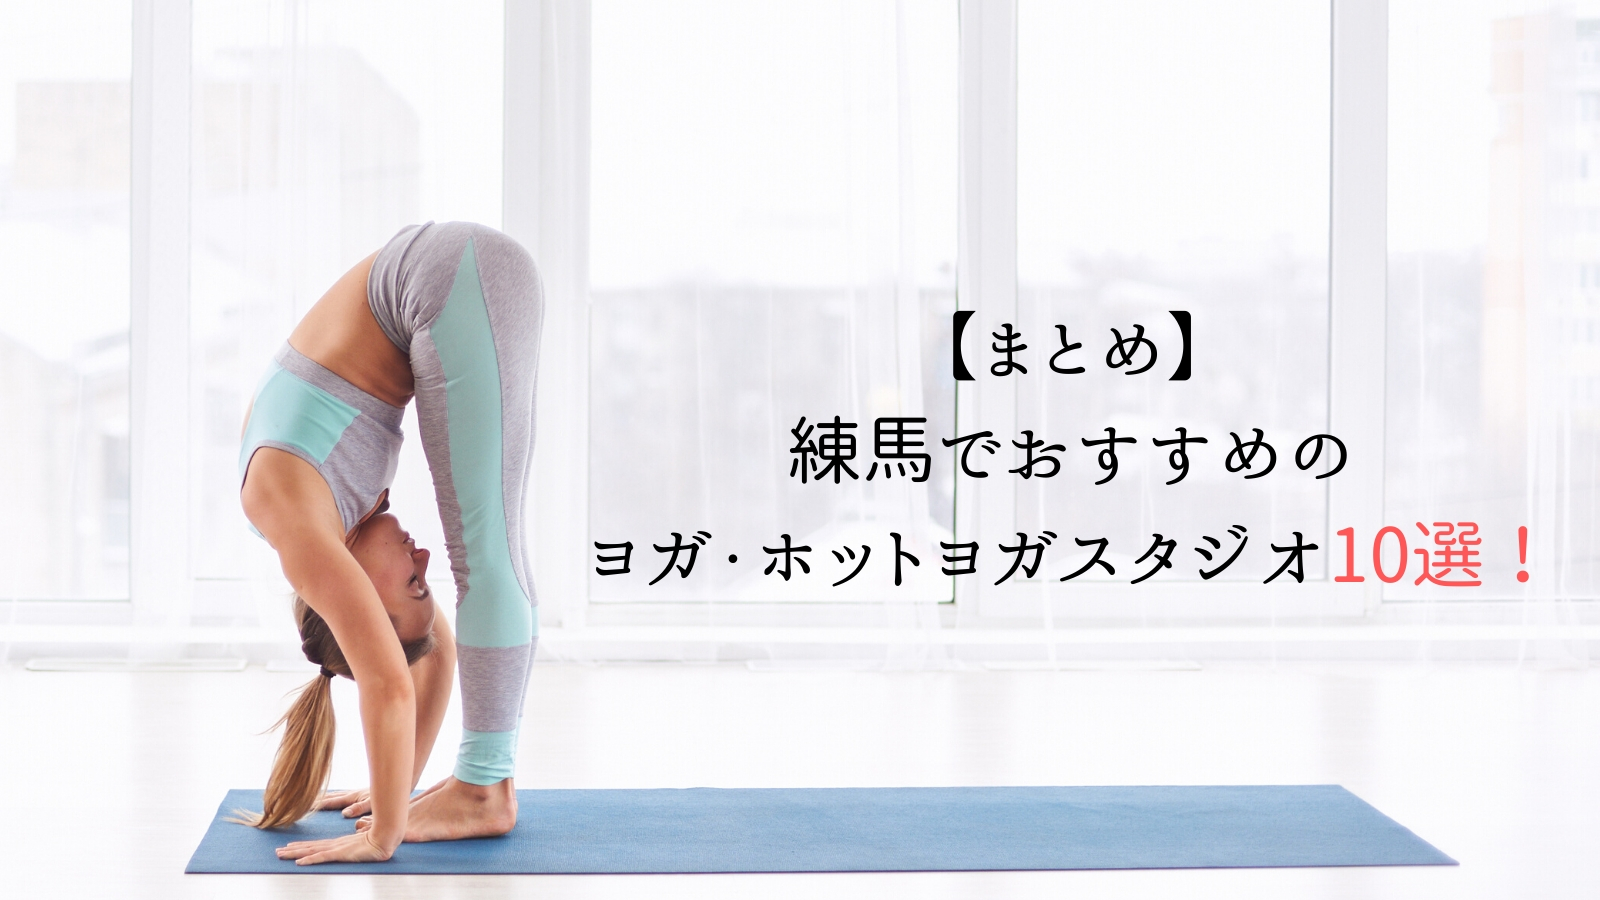 【まとめ】練馬でおすすめのヨガ・ホットヨガスタジオ10選